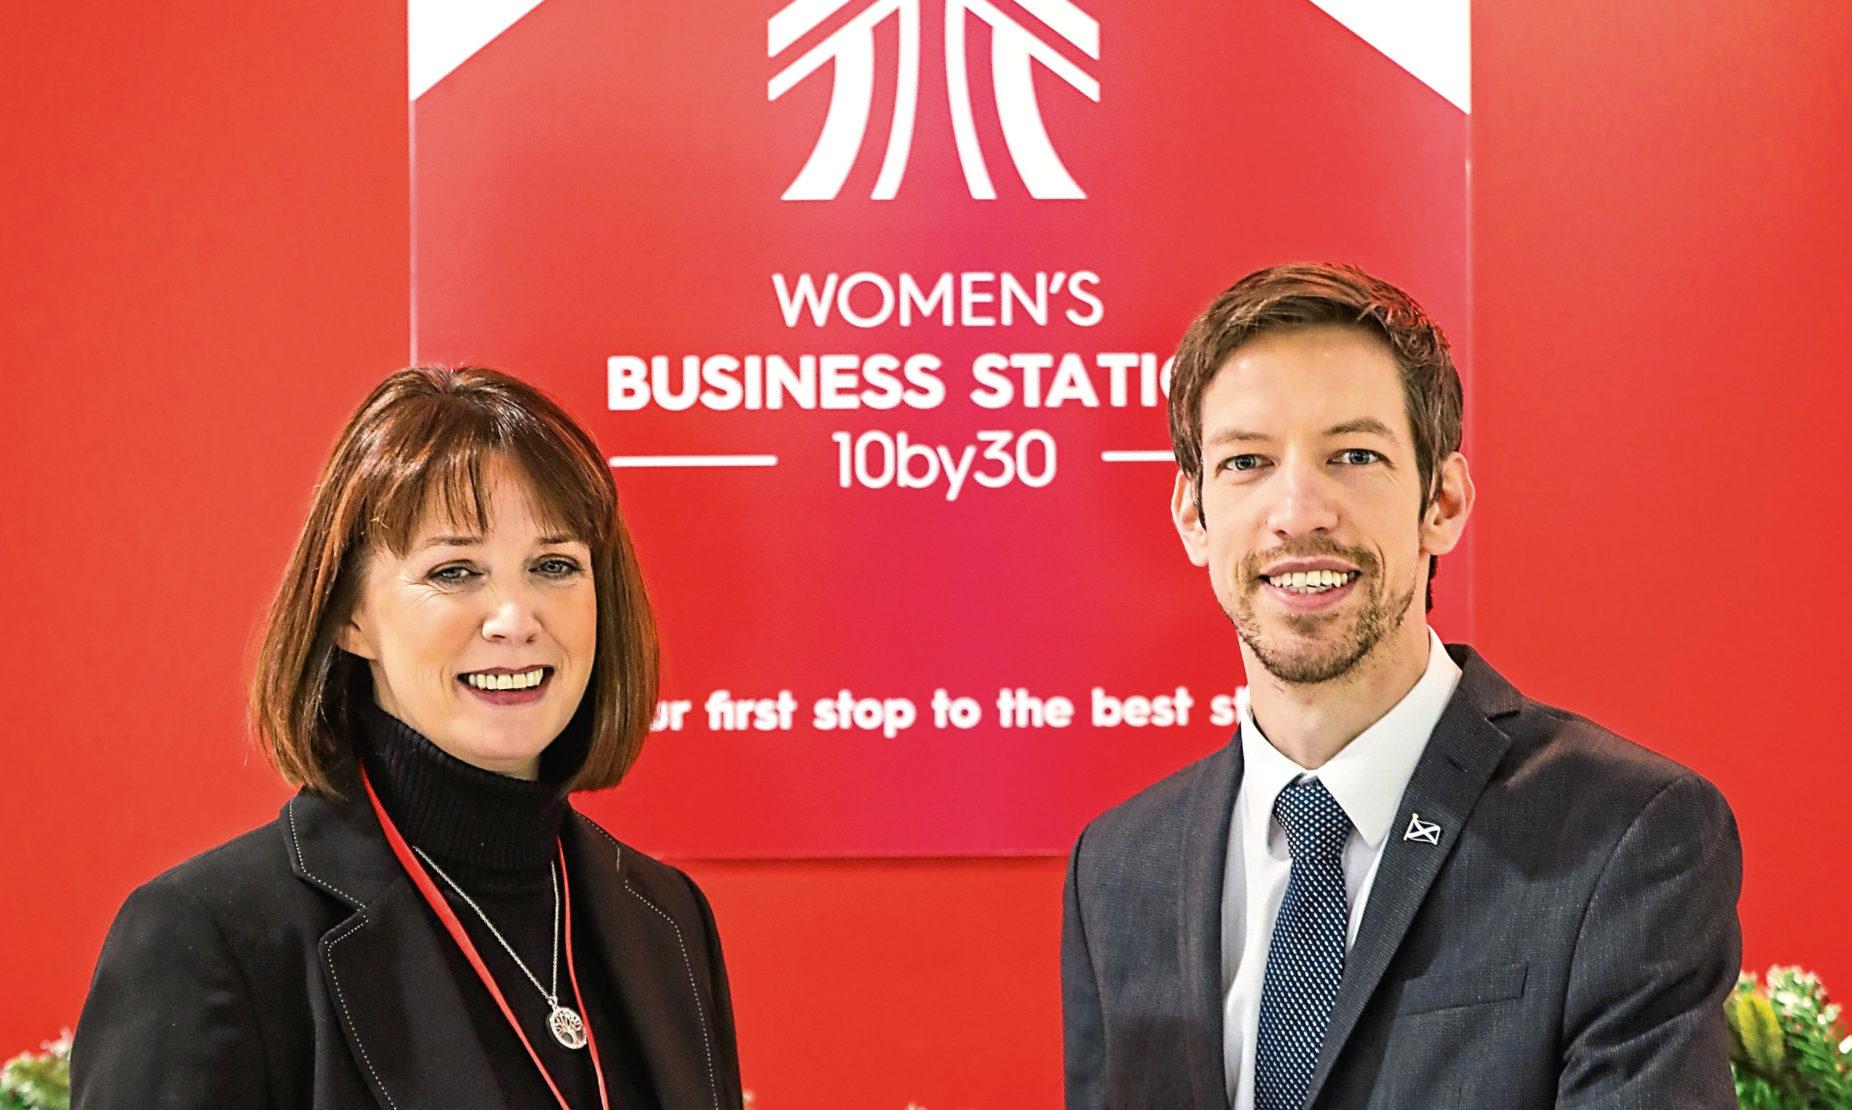 Angie De Vos and Councillor John Alexander.